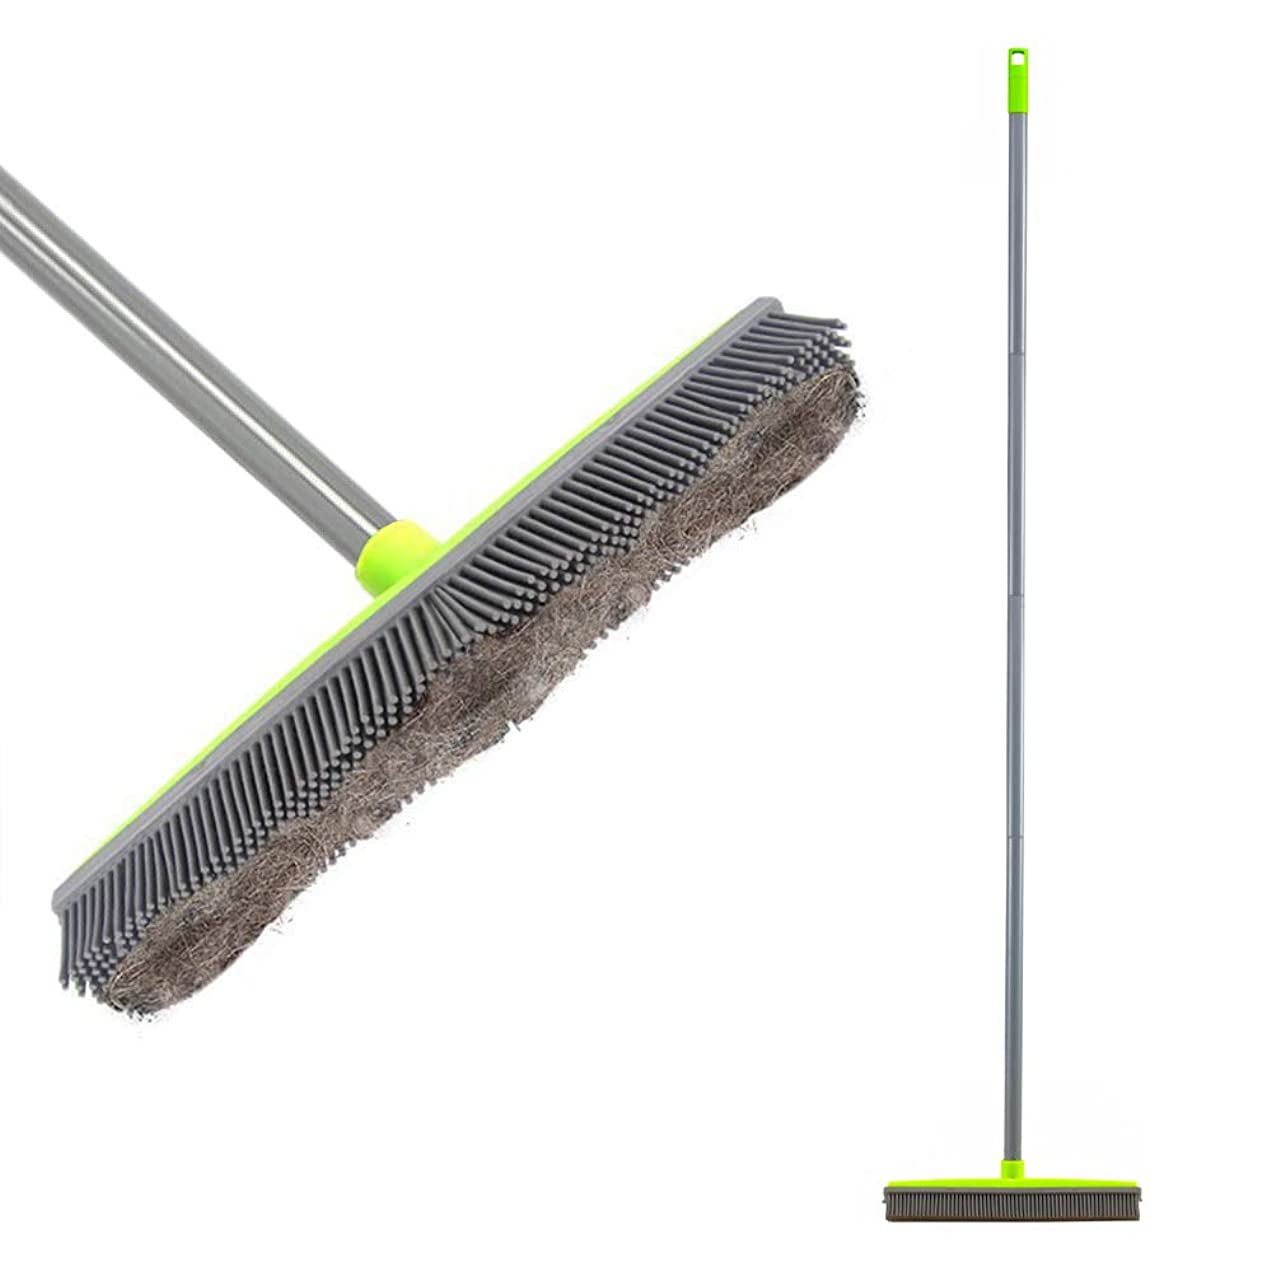 感情と青LandHope ゴムほうき 150CM長さハンドル カーペット掃除ブラシ ペットの毛 ほこり 木製床ブラシ 掃除用品